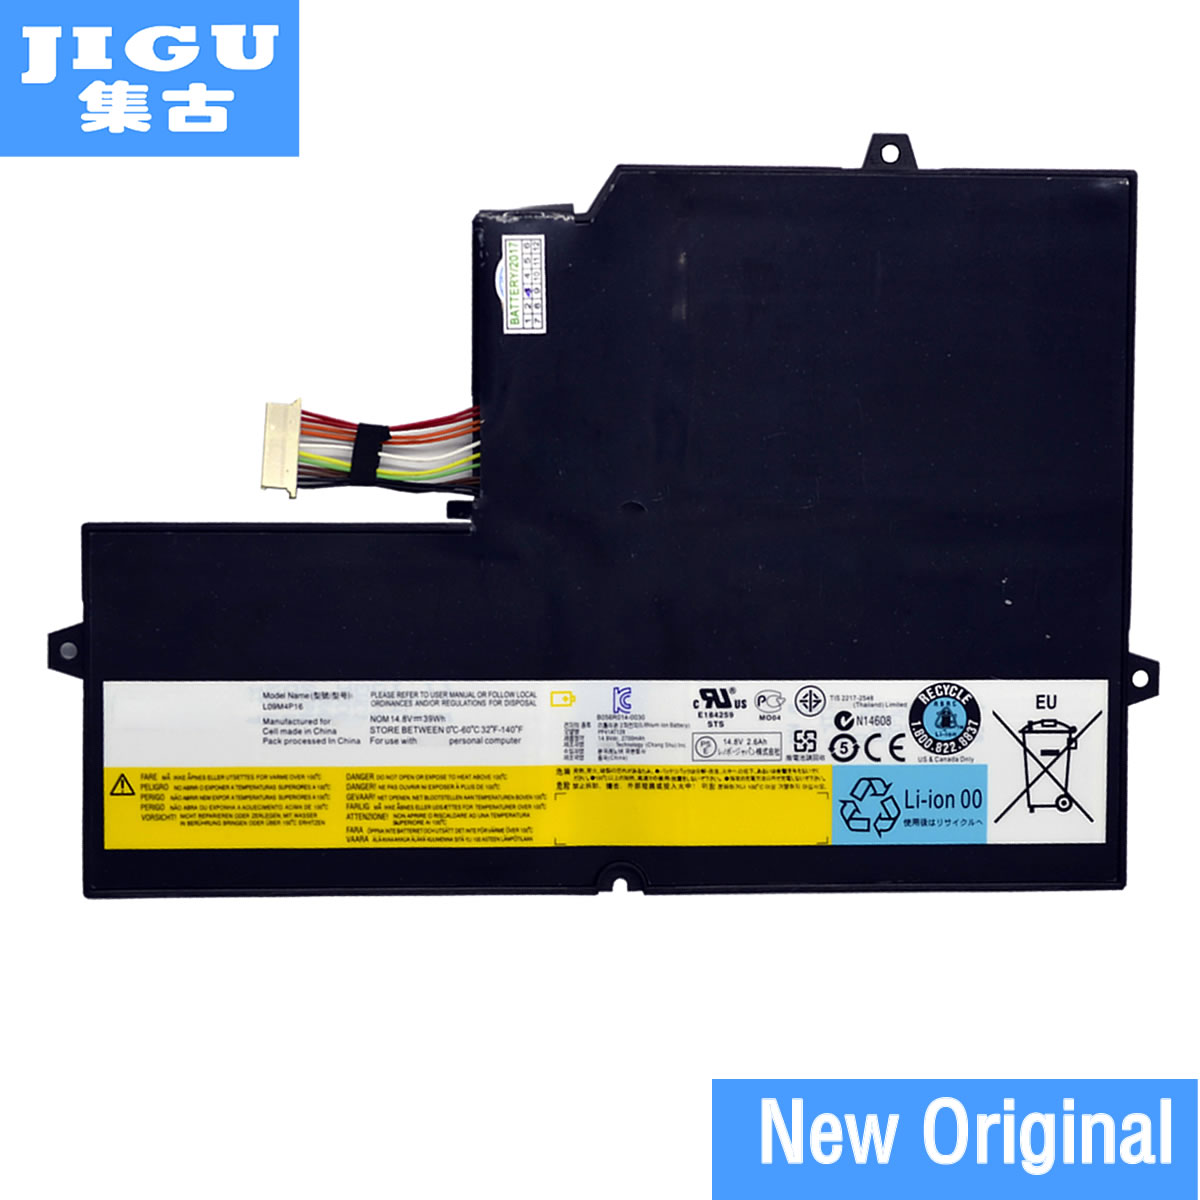 JIGU 57Y6601 L09M4P16 KB3072 Original laptop Battery For Lenovo for IdeaPad U260 14.8V 39WH U260 BATTERIES laptop batteries for lenovo ideapad u350 20028 l09n8p01 l09c4p1 14 8v 8 cell